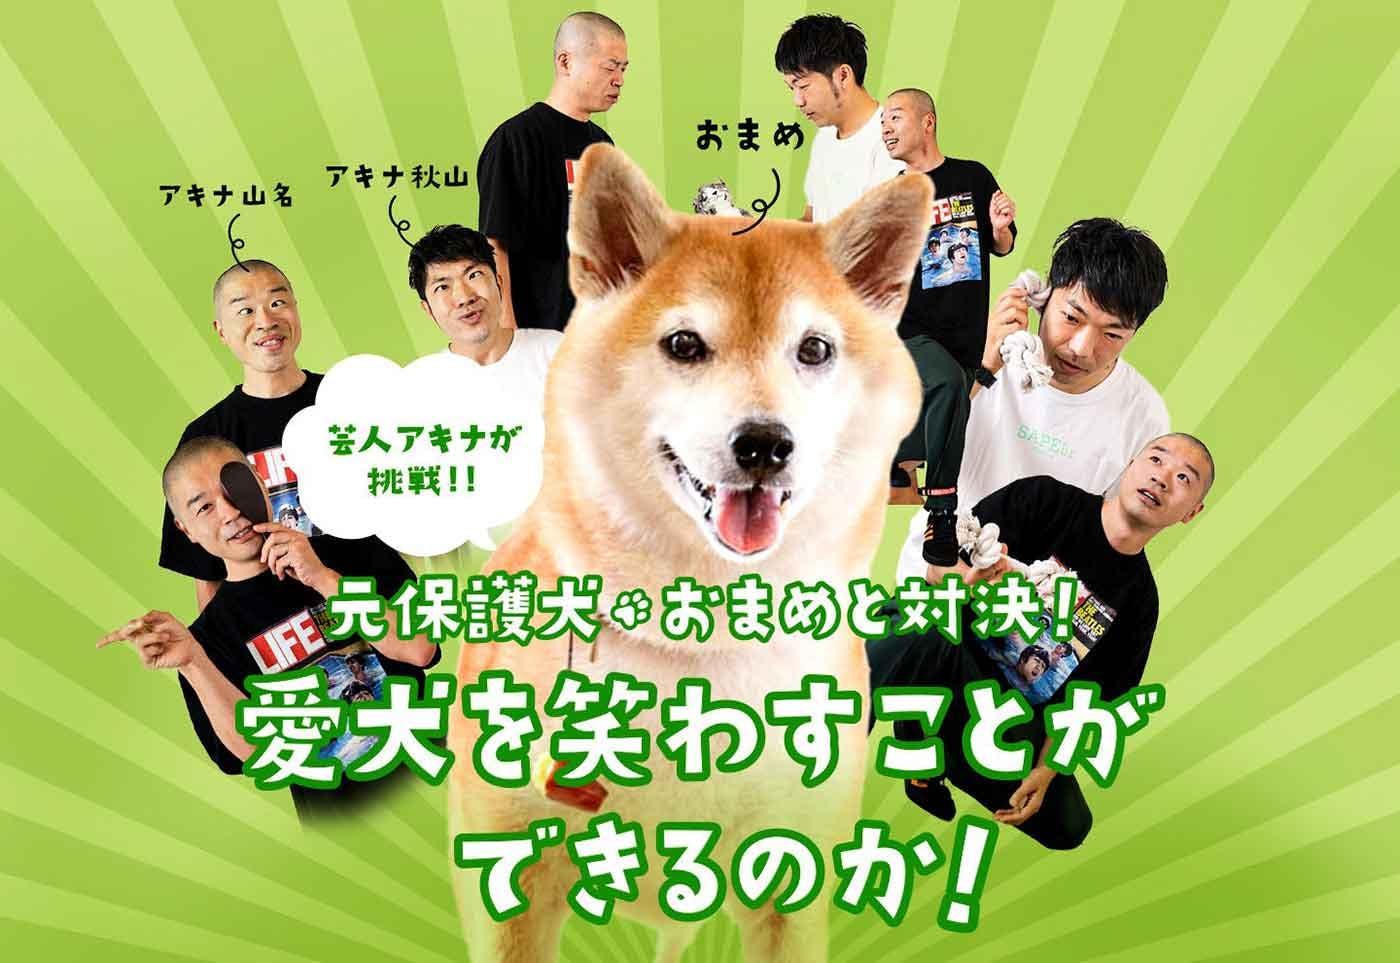 """芸人アキナが挑戦! 元保護犬""""おまめ""""と対決! 愛犬を笑わすことができるのか?"""